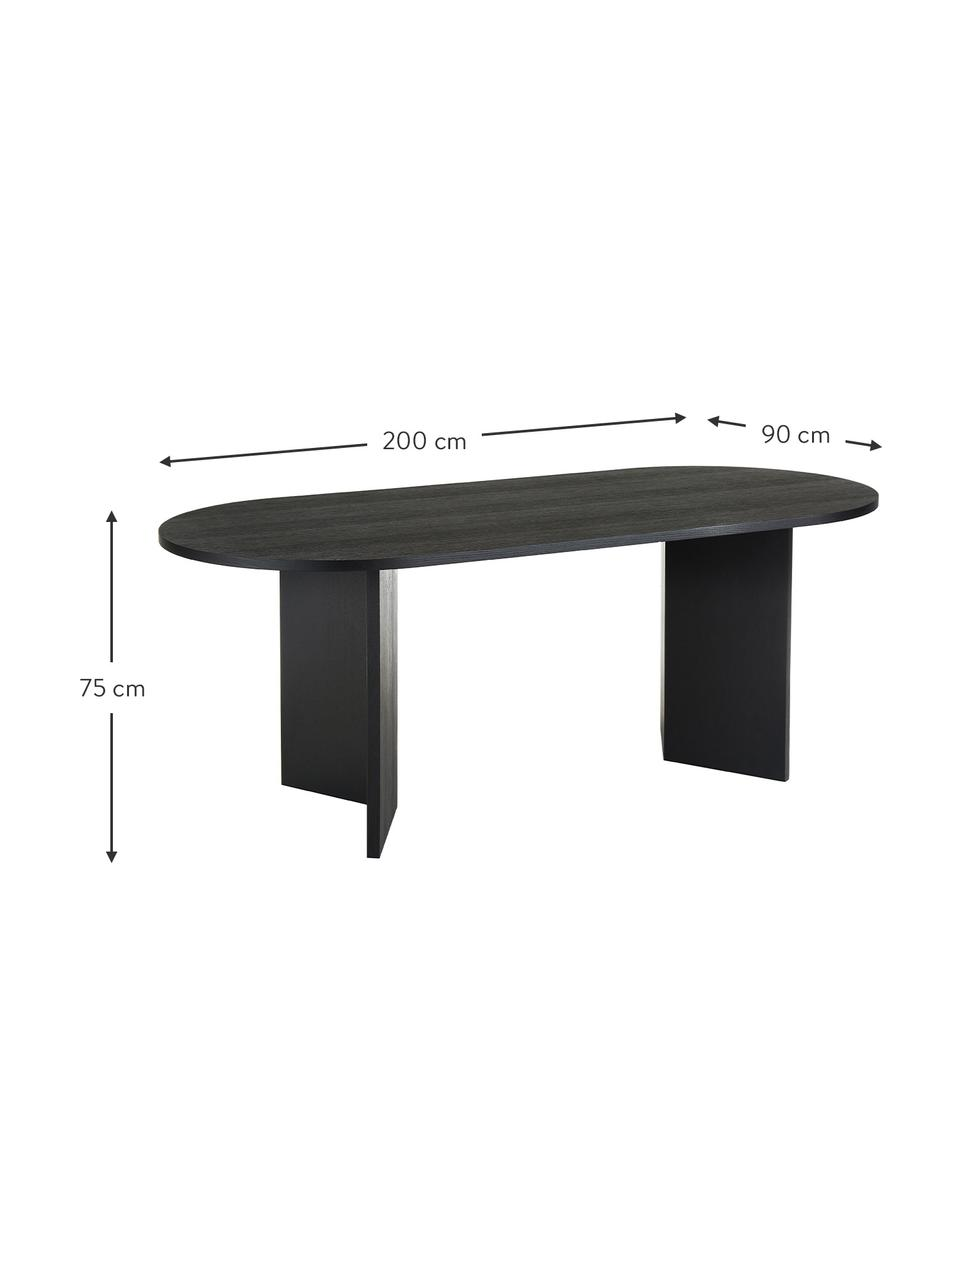 Table ovale en bois Joni, 200 x 90 cm, Placage en bois de chêne, laqué noir